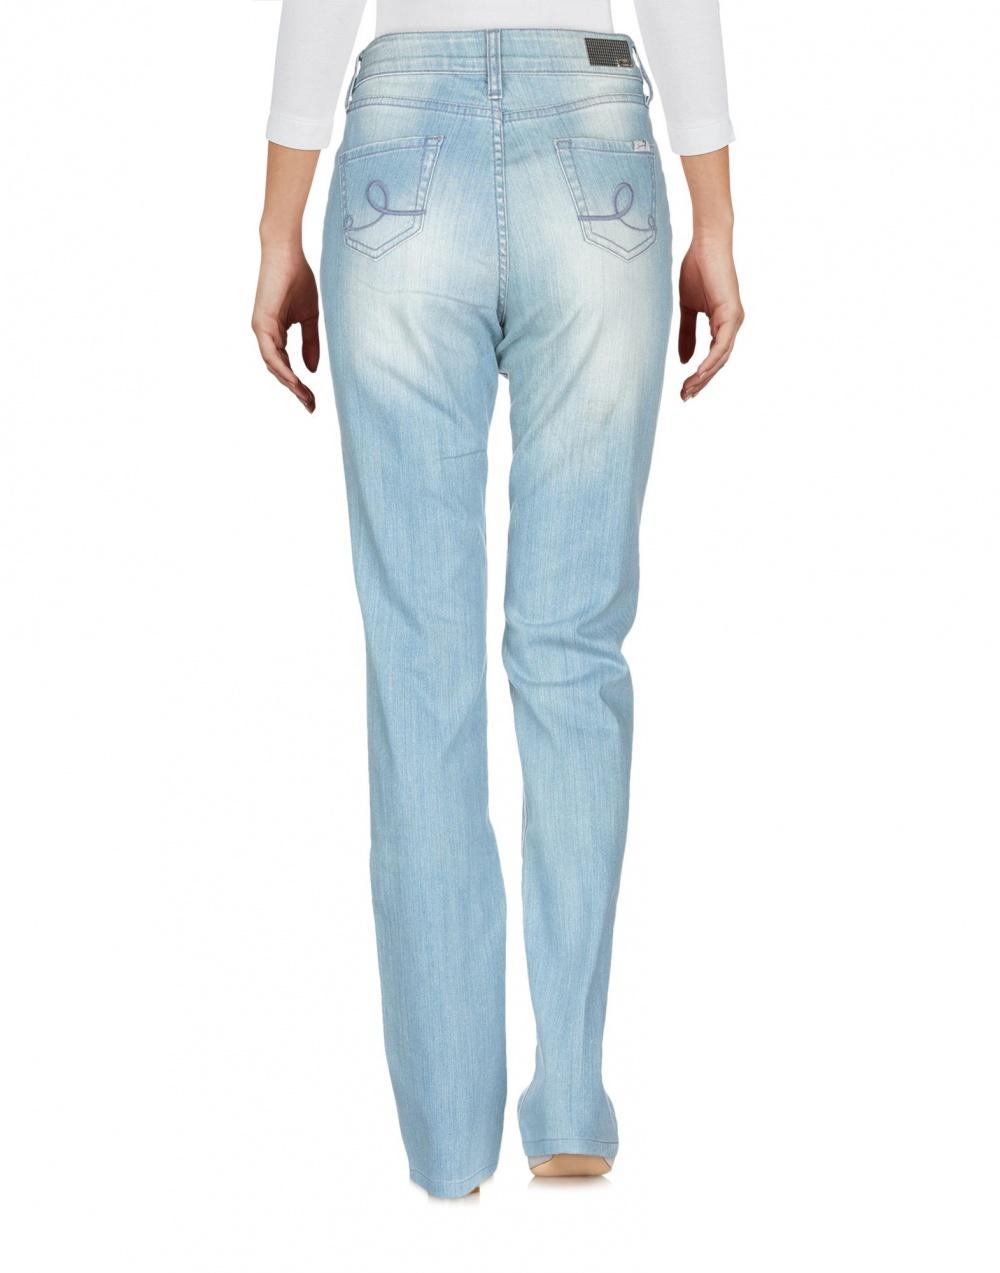 Джинсовые брюки. Seven7. Р-р 28.